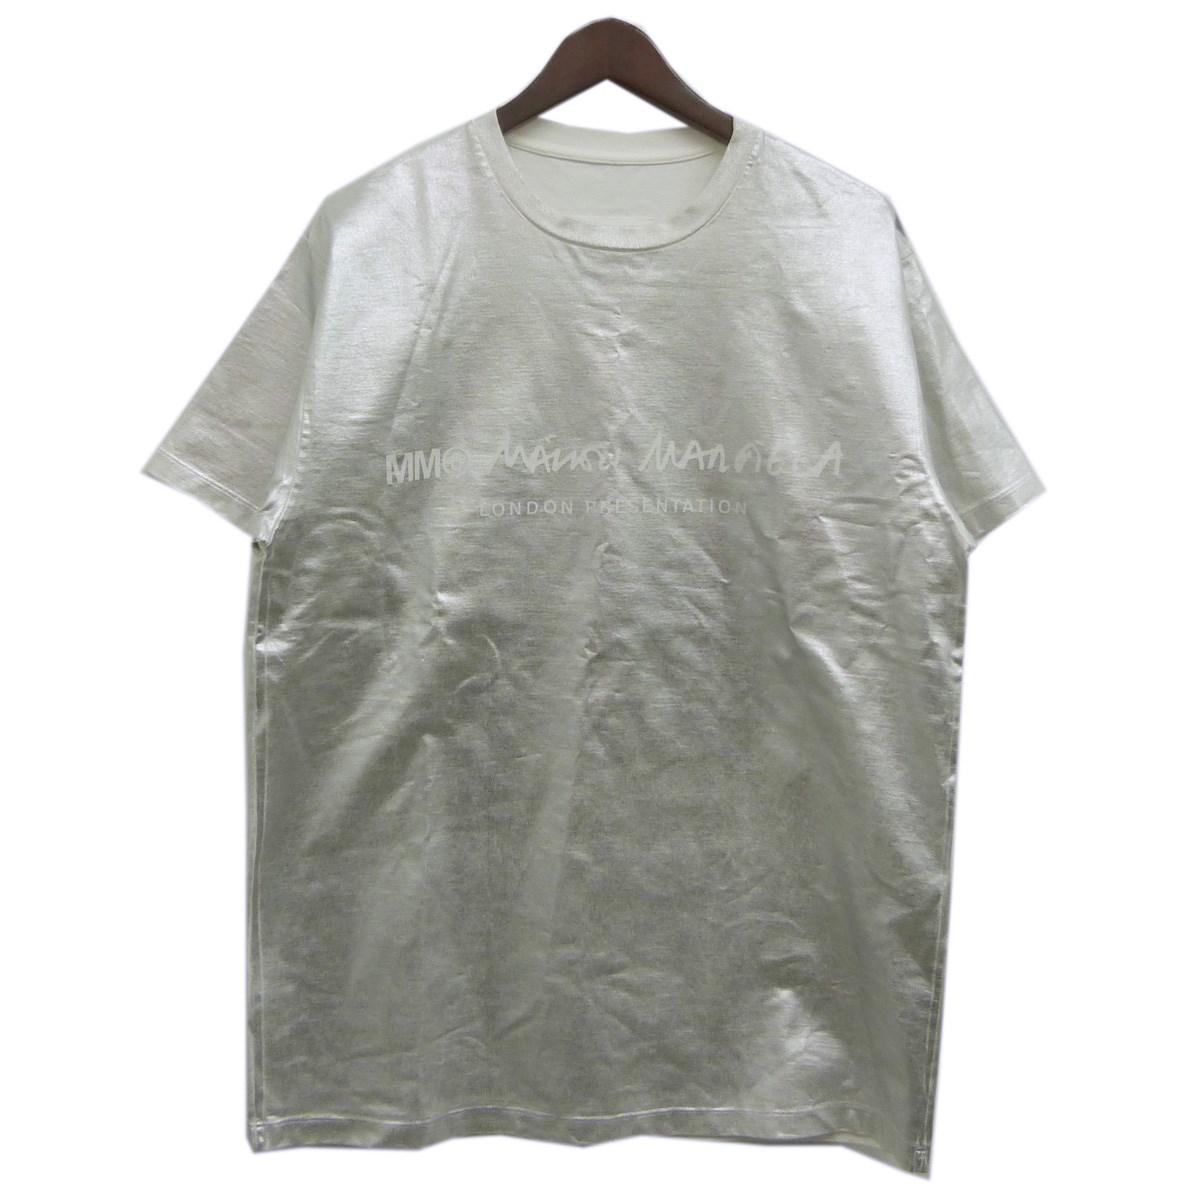 【中古】MM6箔プリントロゴTシャツ シルバー サイズ:XS